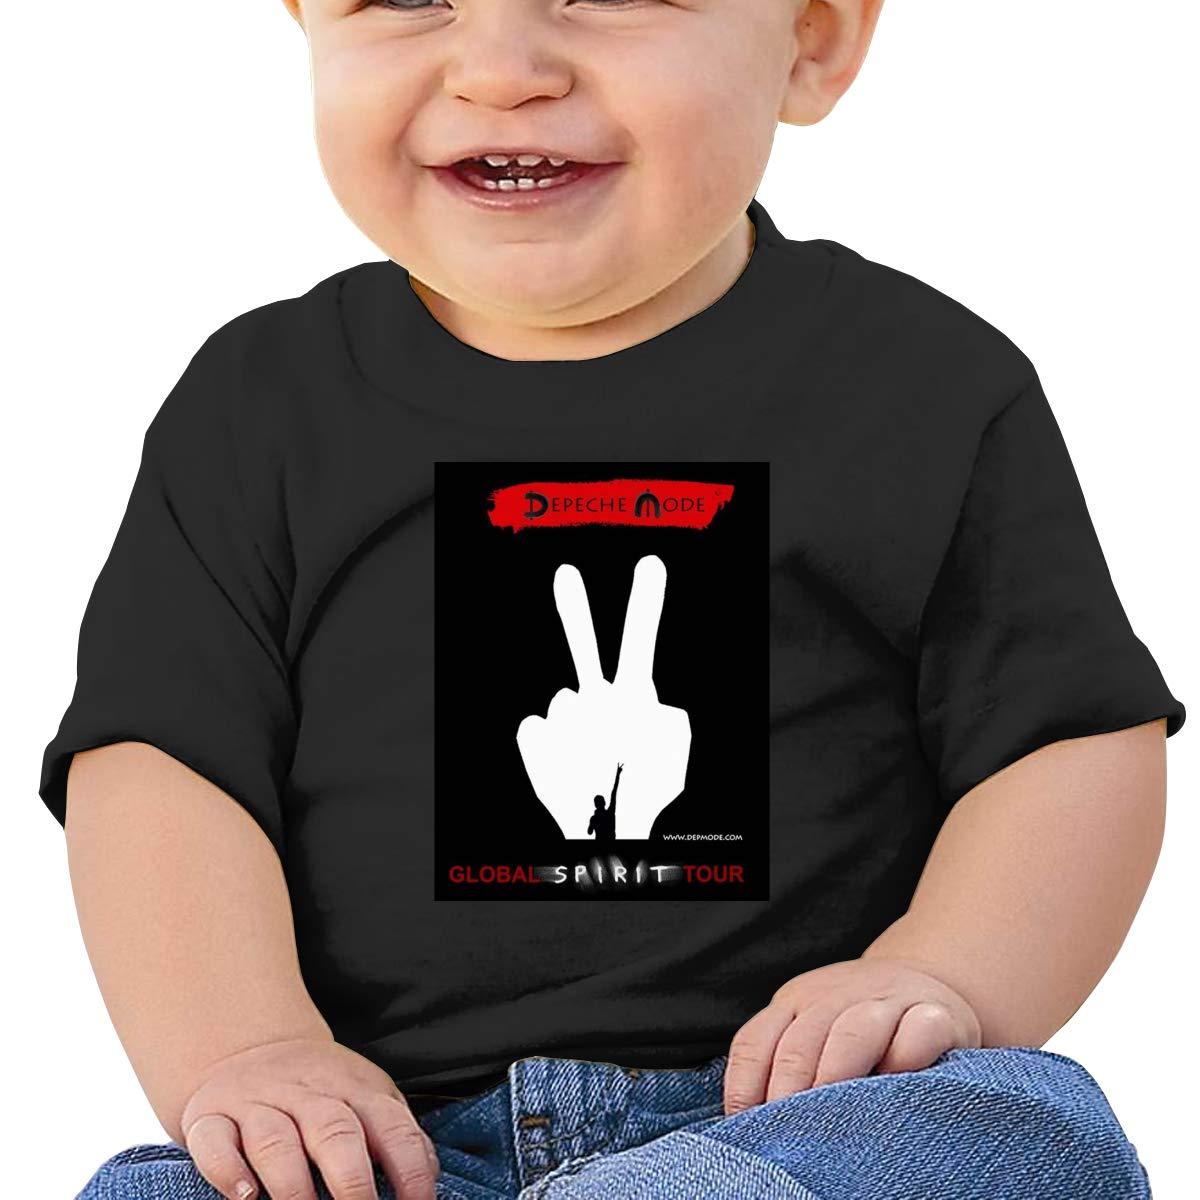 Kangtians Teenagers Boys Depeche Mode Spirit Shirts Tee Childrens Shirt